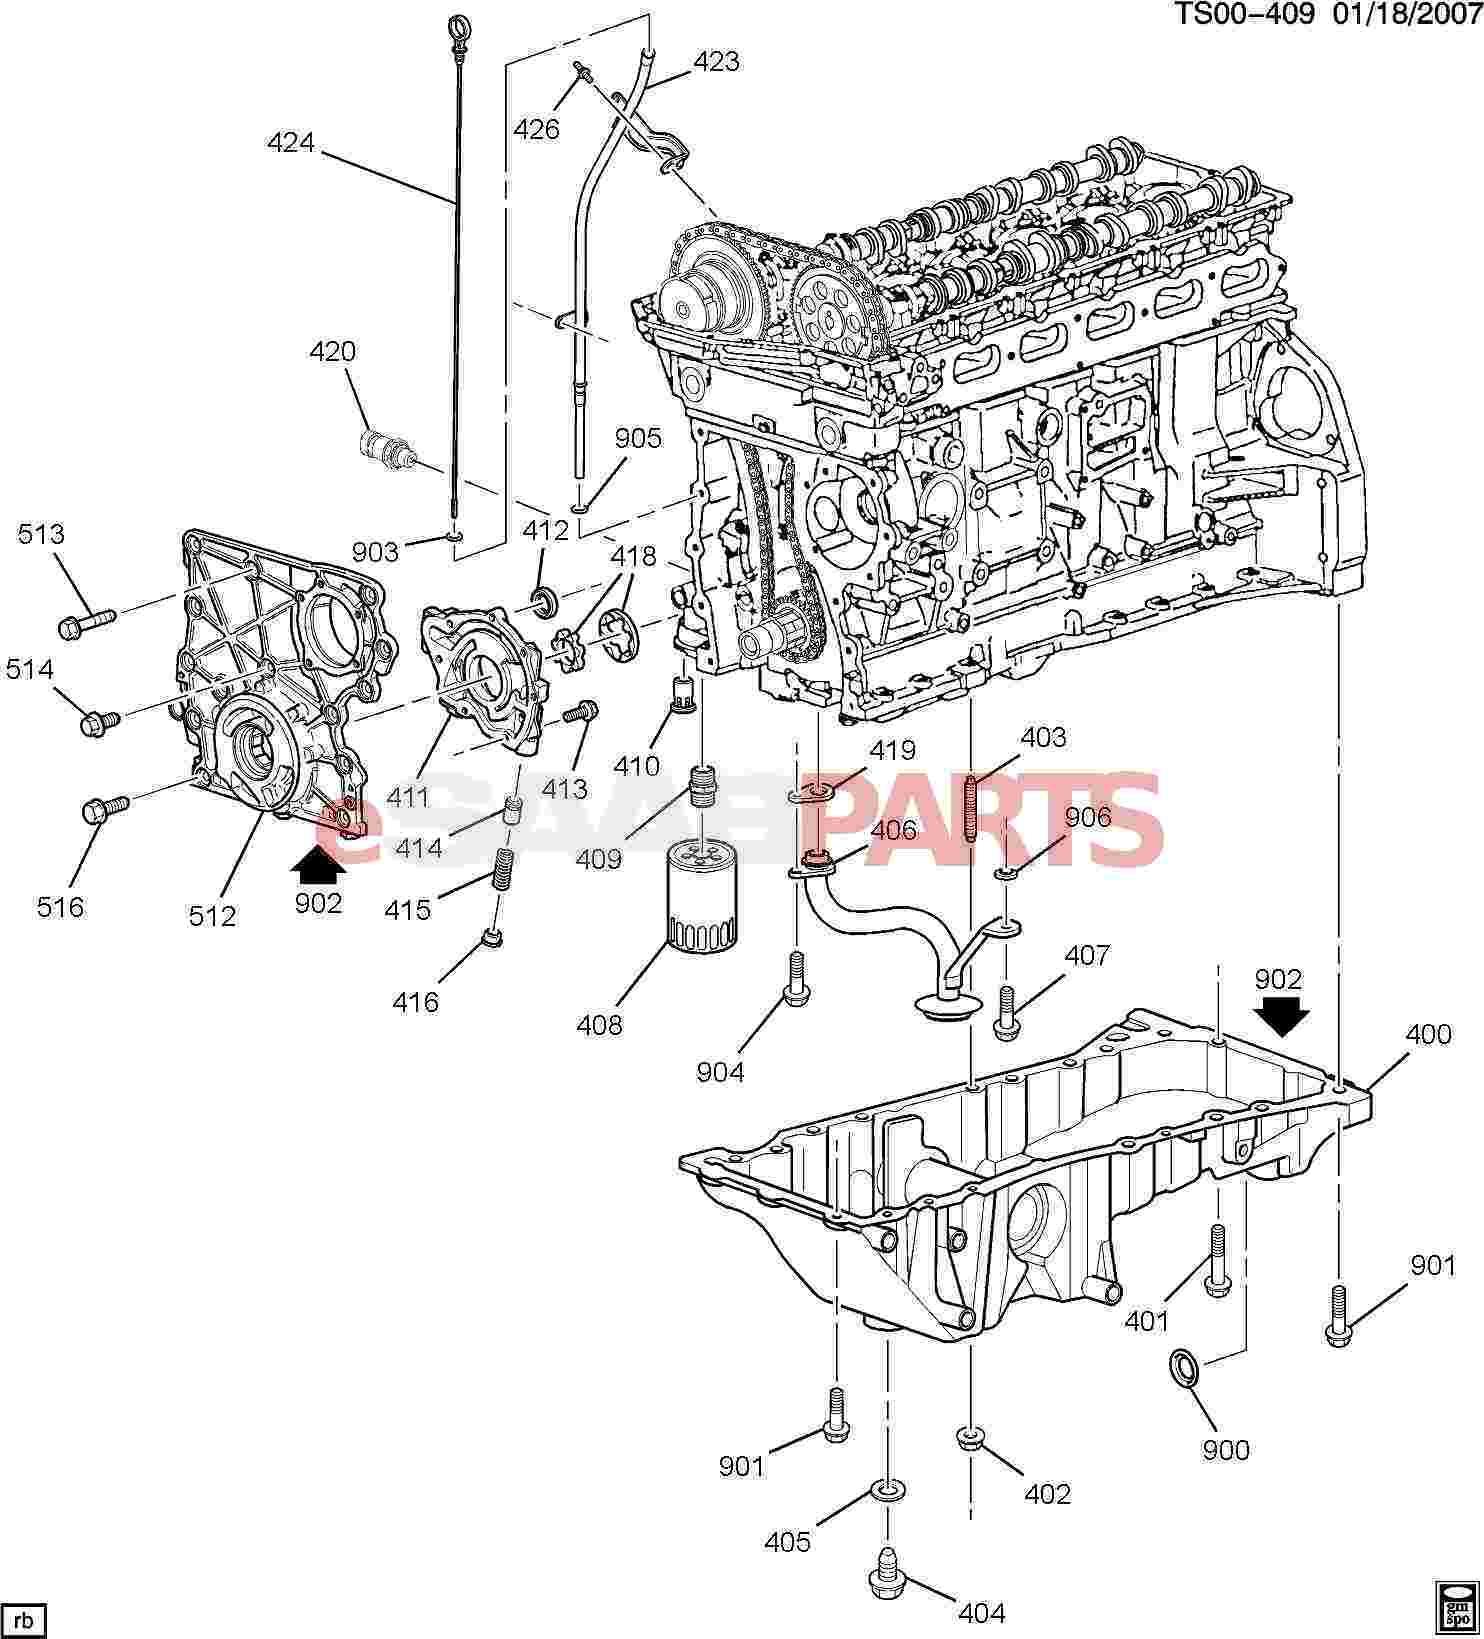 2005 mercedes engine diagram